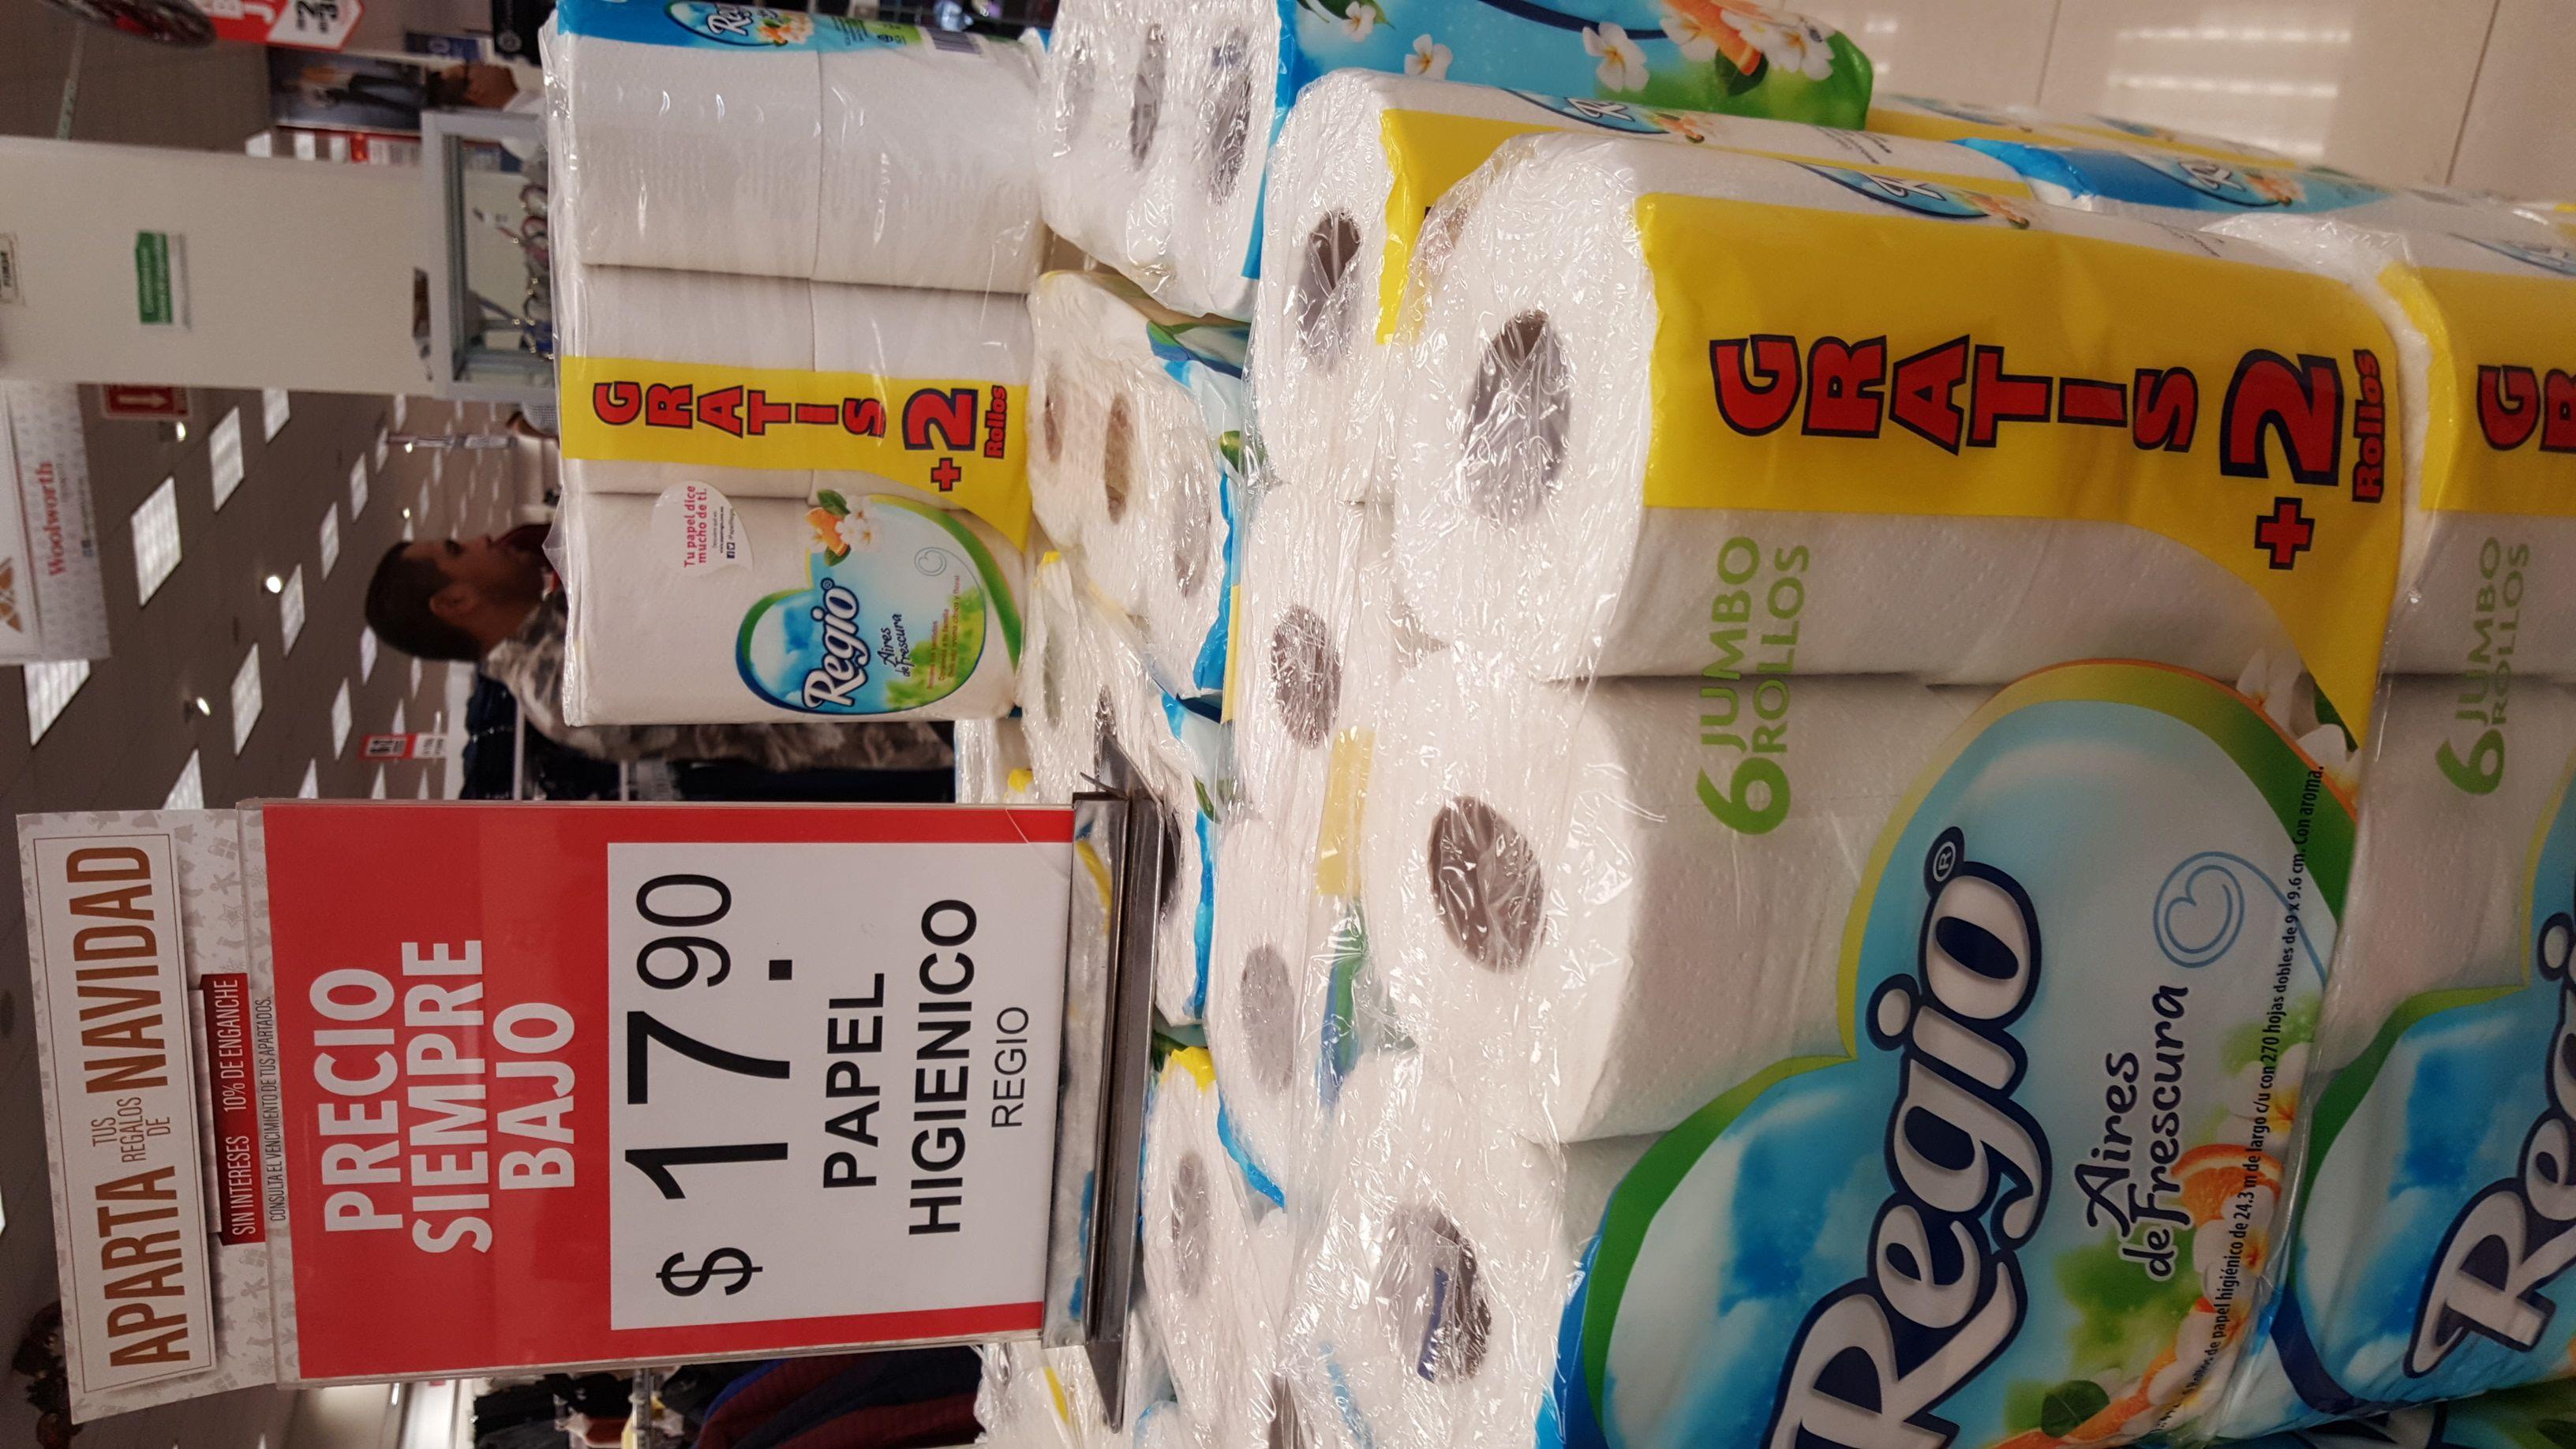 Woolworth Plaza Sendero Toluca: 6 Rollos de Papel higiénico regio a $17.90